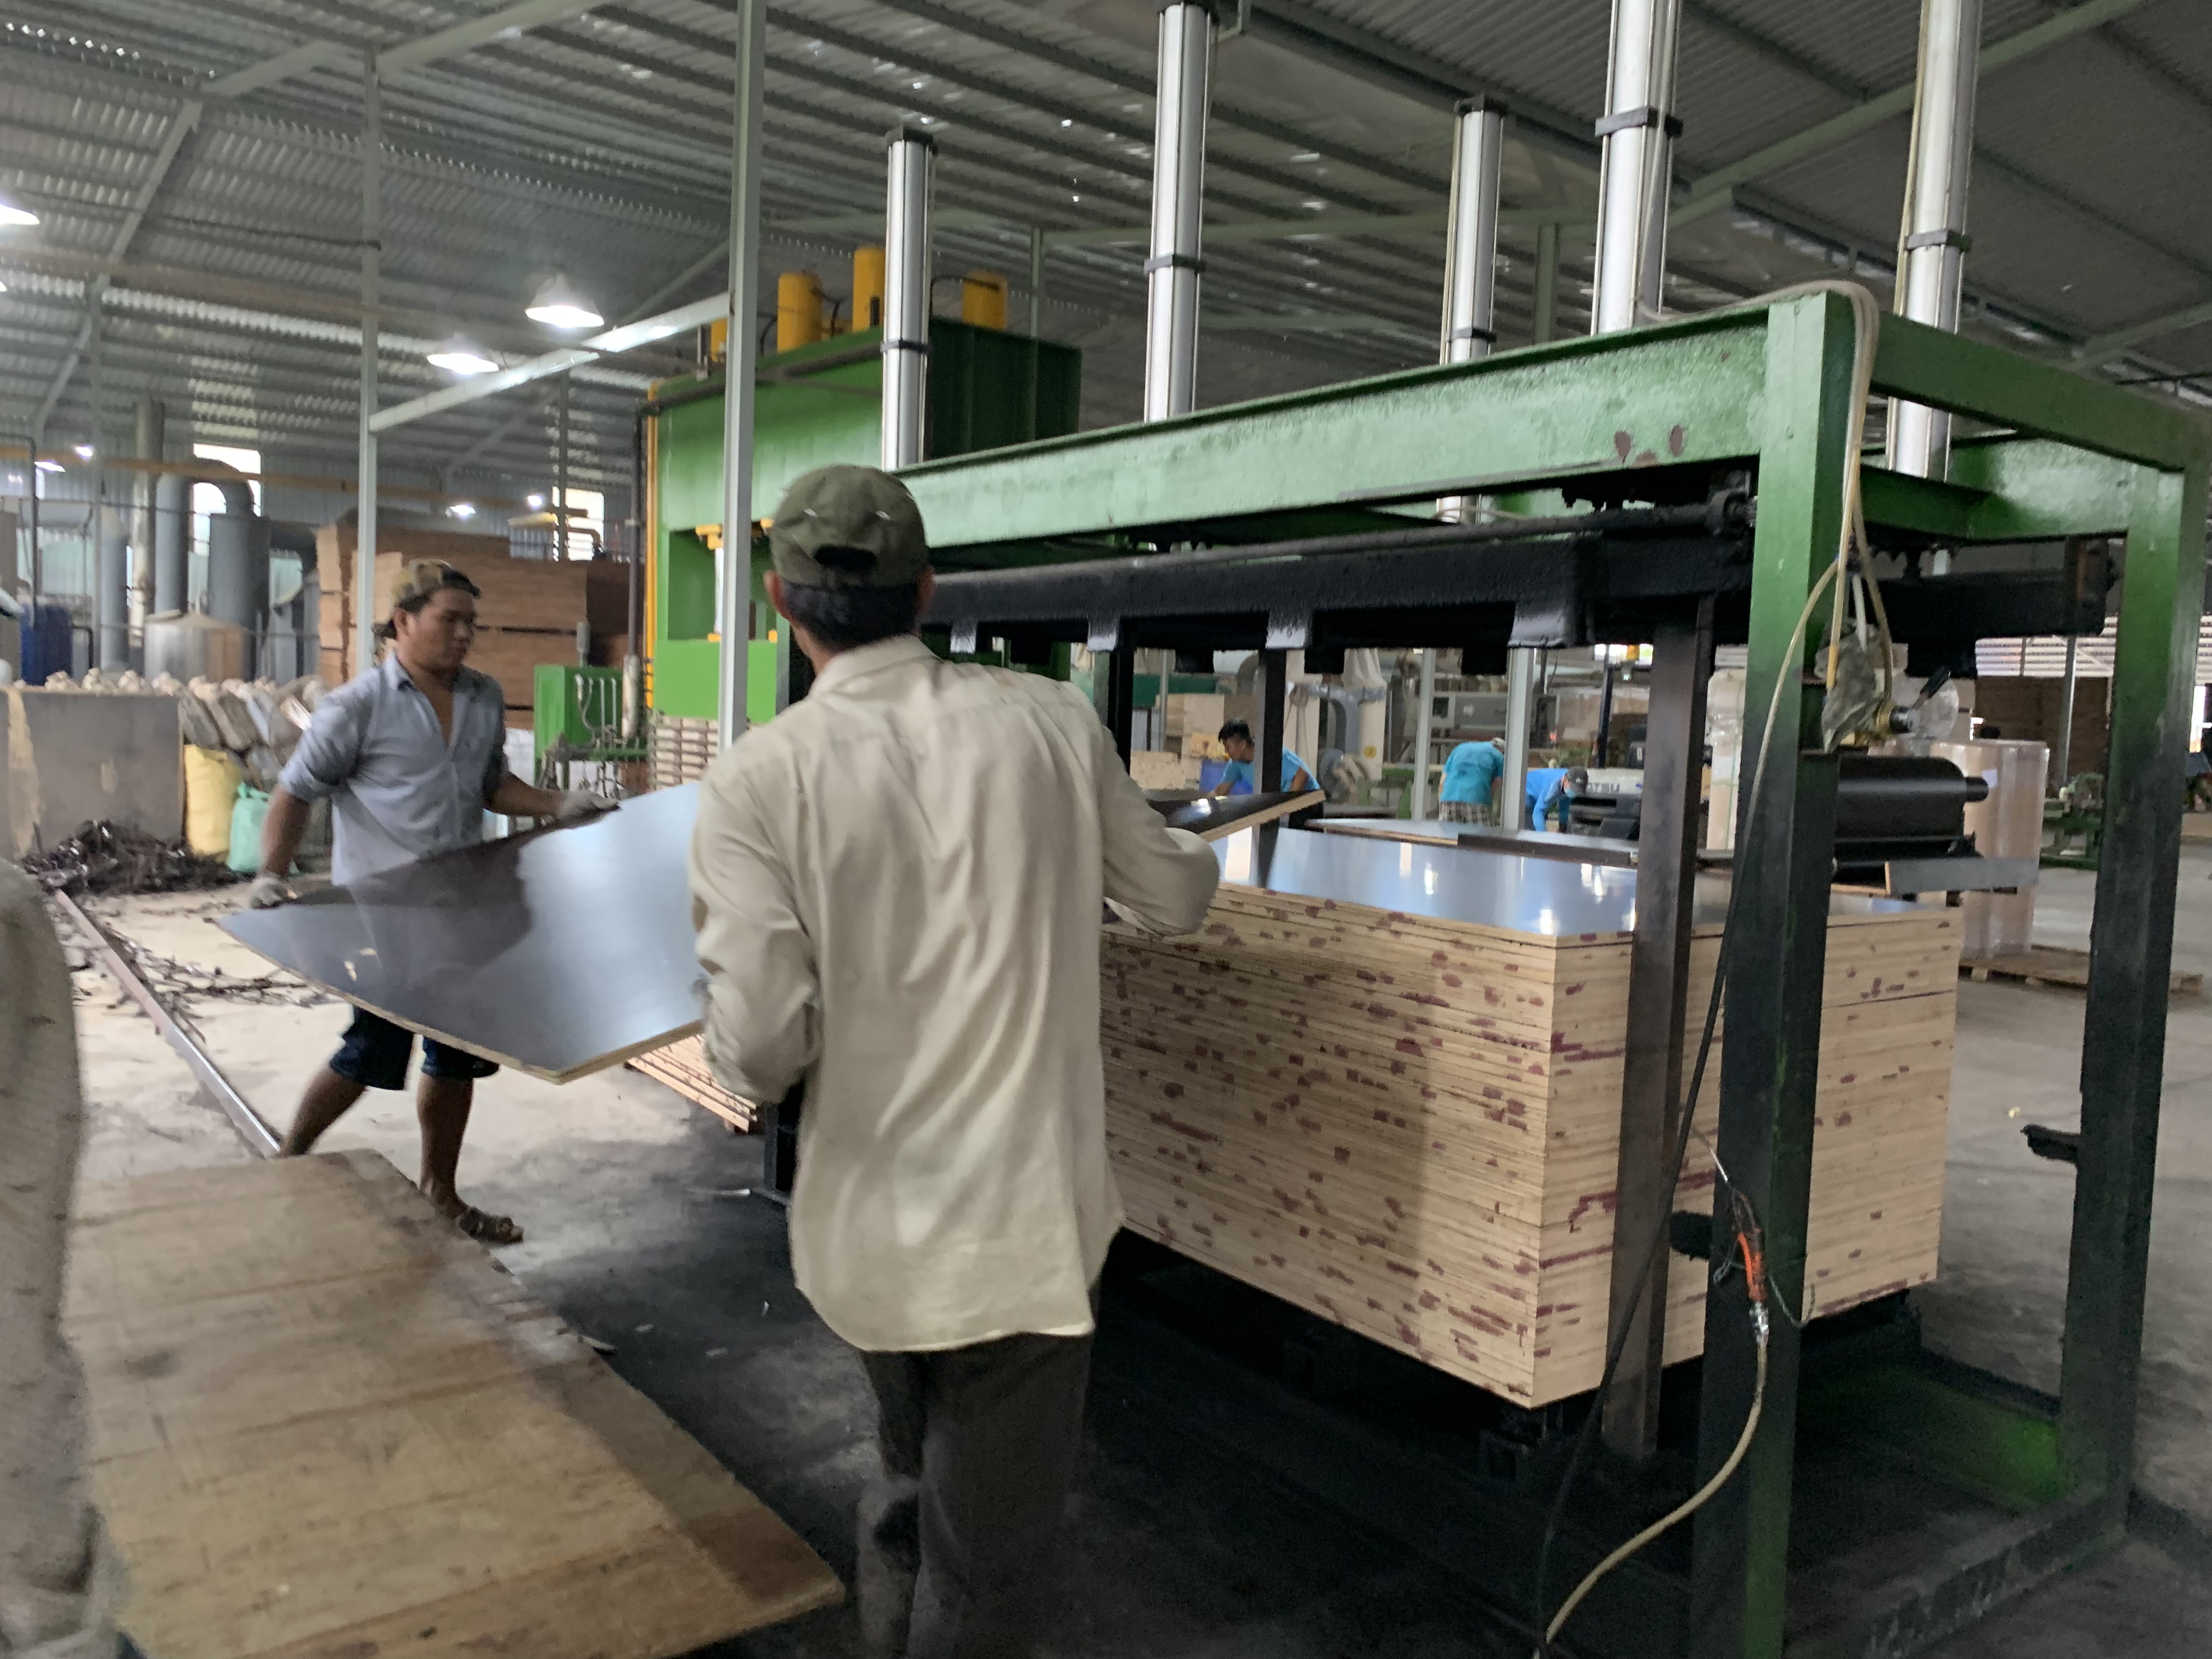 Sản xuất ván ép phủ keo tại công ty TNHH SOMMA